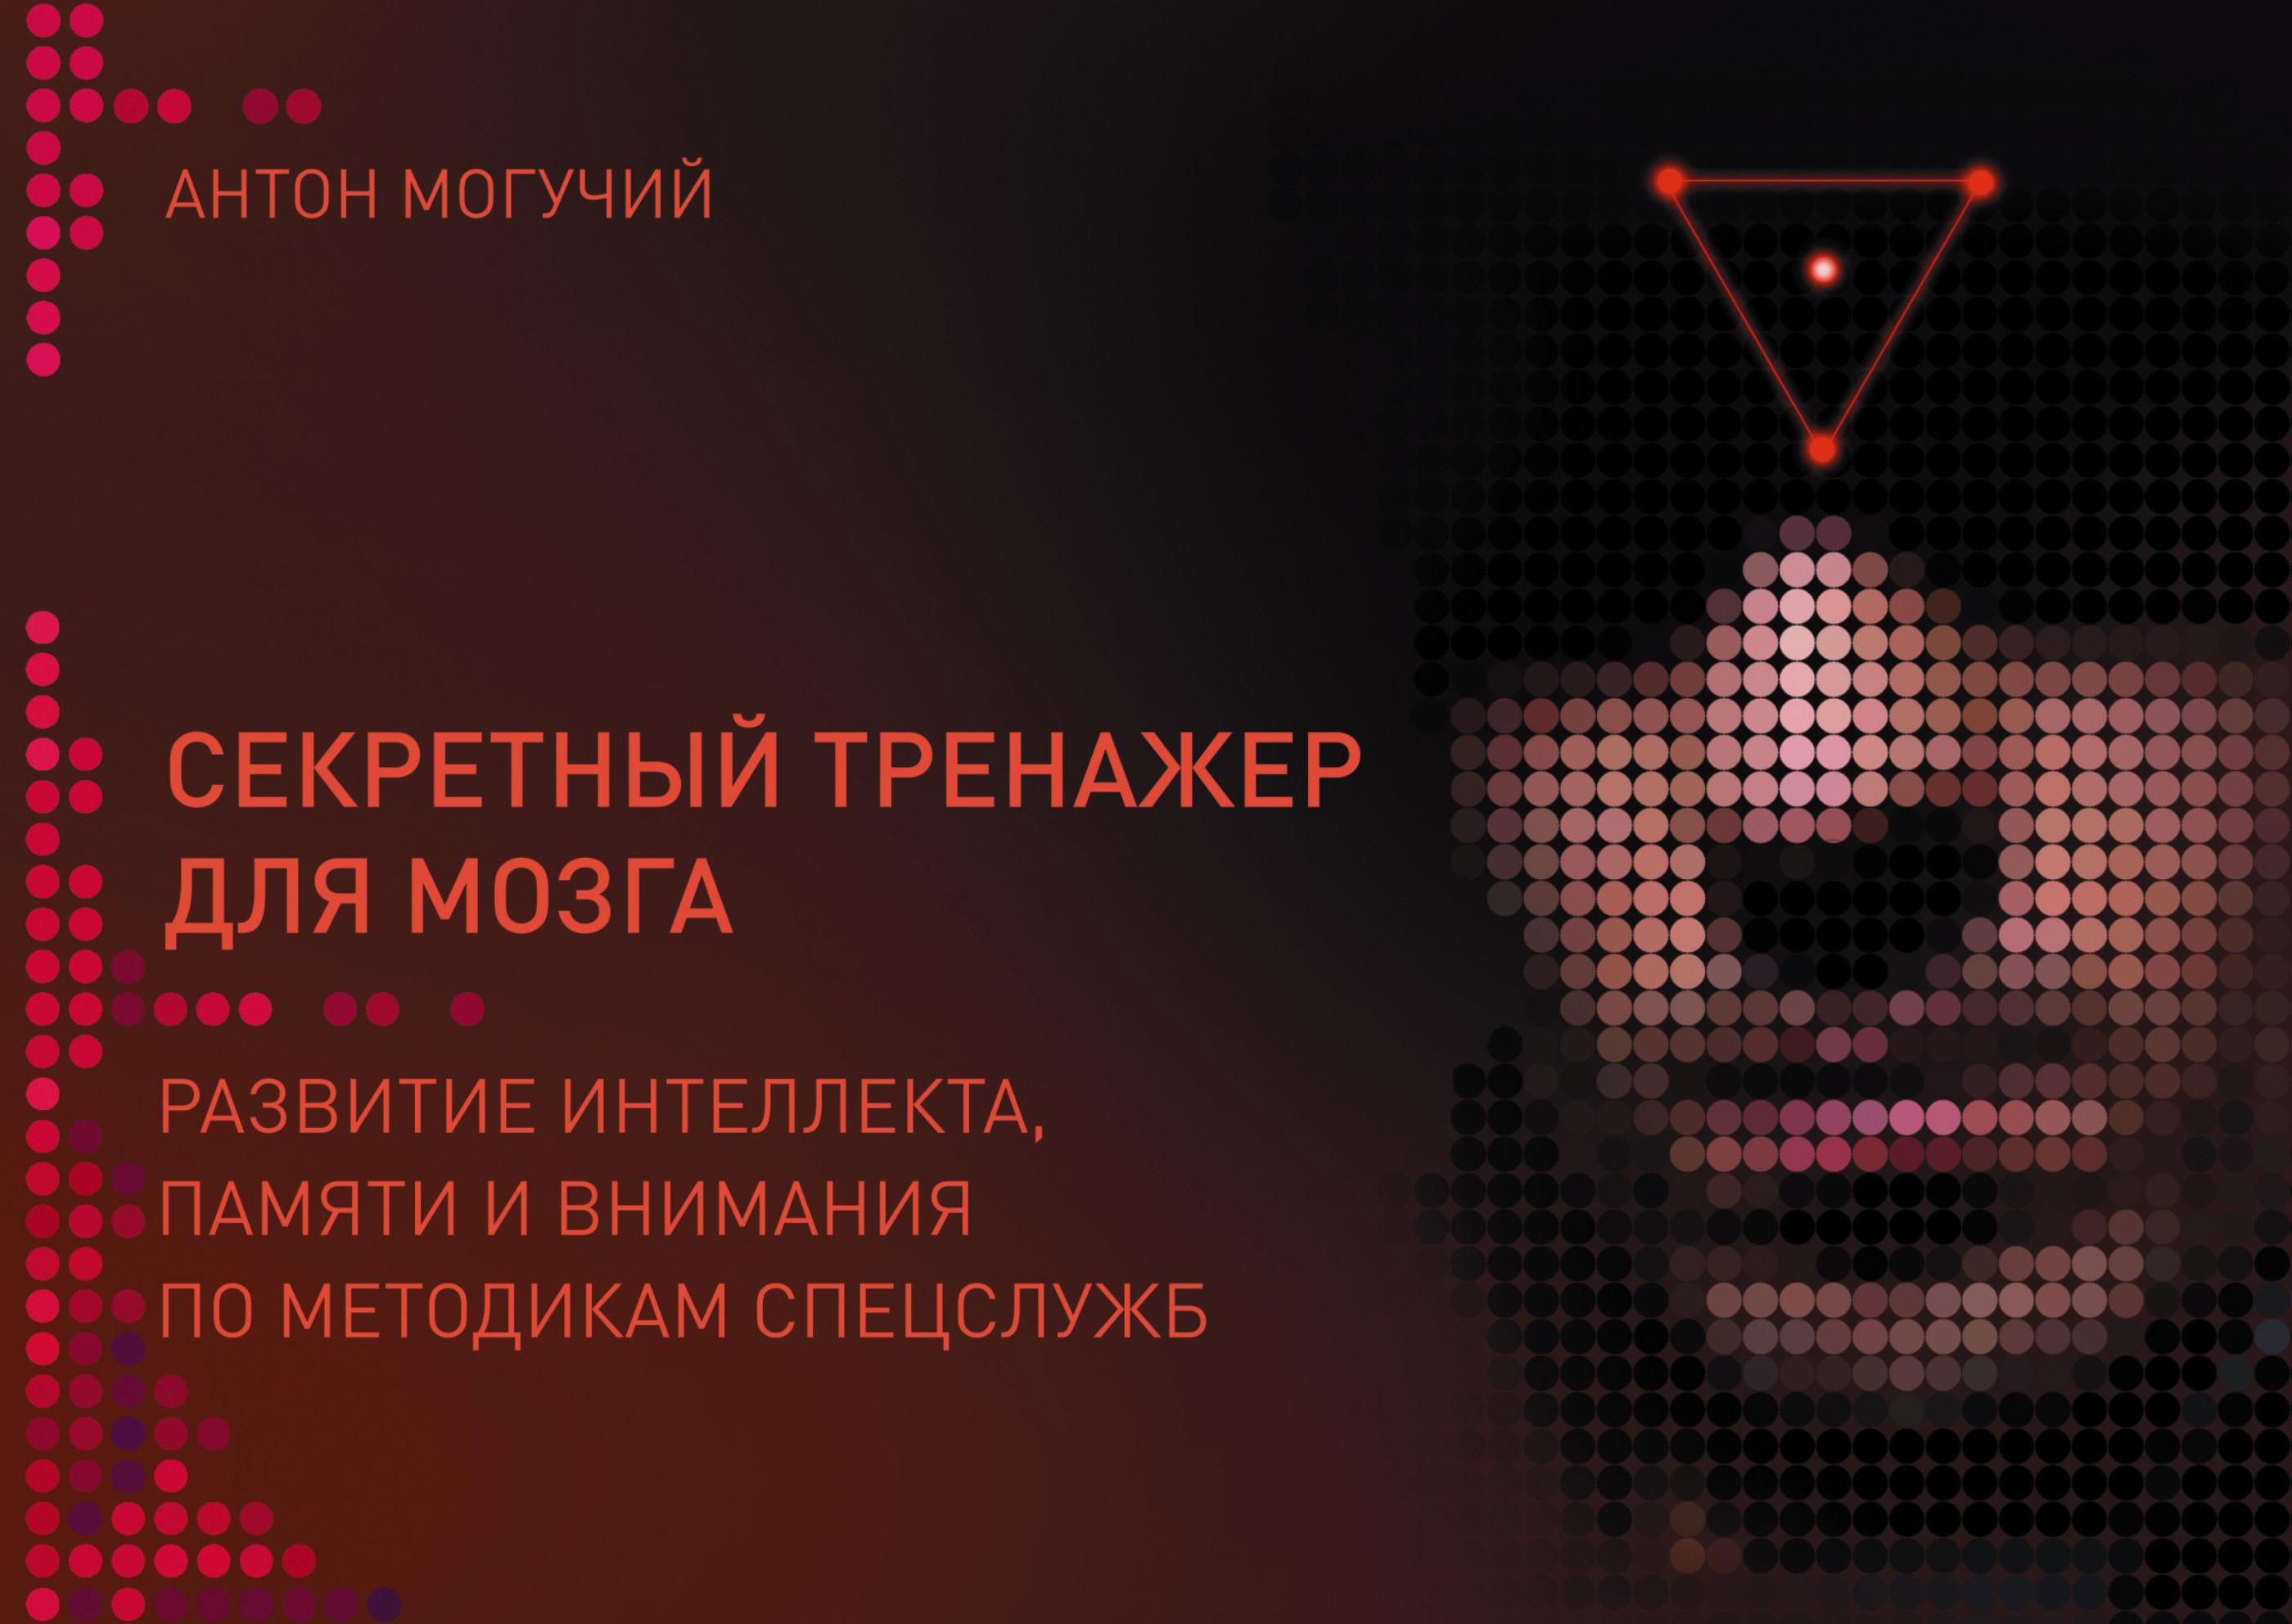 Антон Могучий Секретный тренажер для мозга. Развитие интеллекта, памяти и внимания по методикам спецслужб